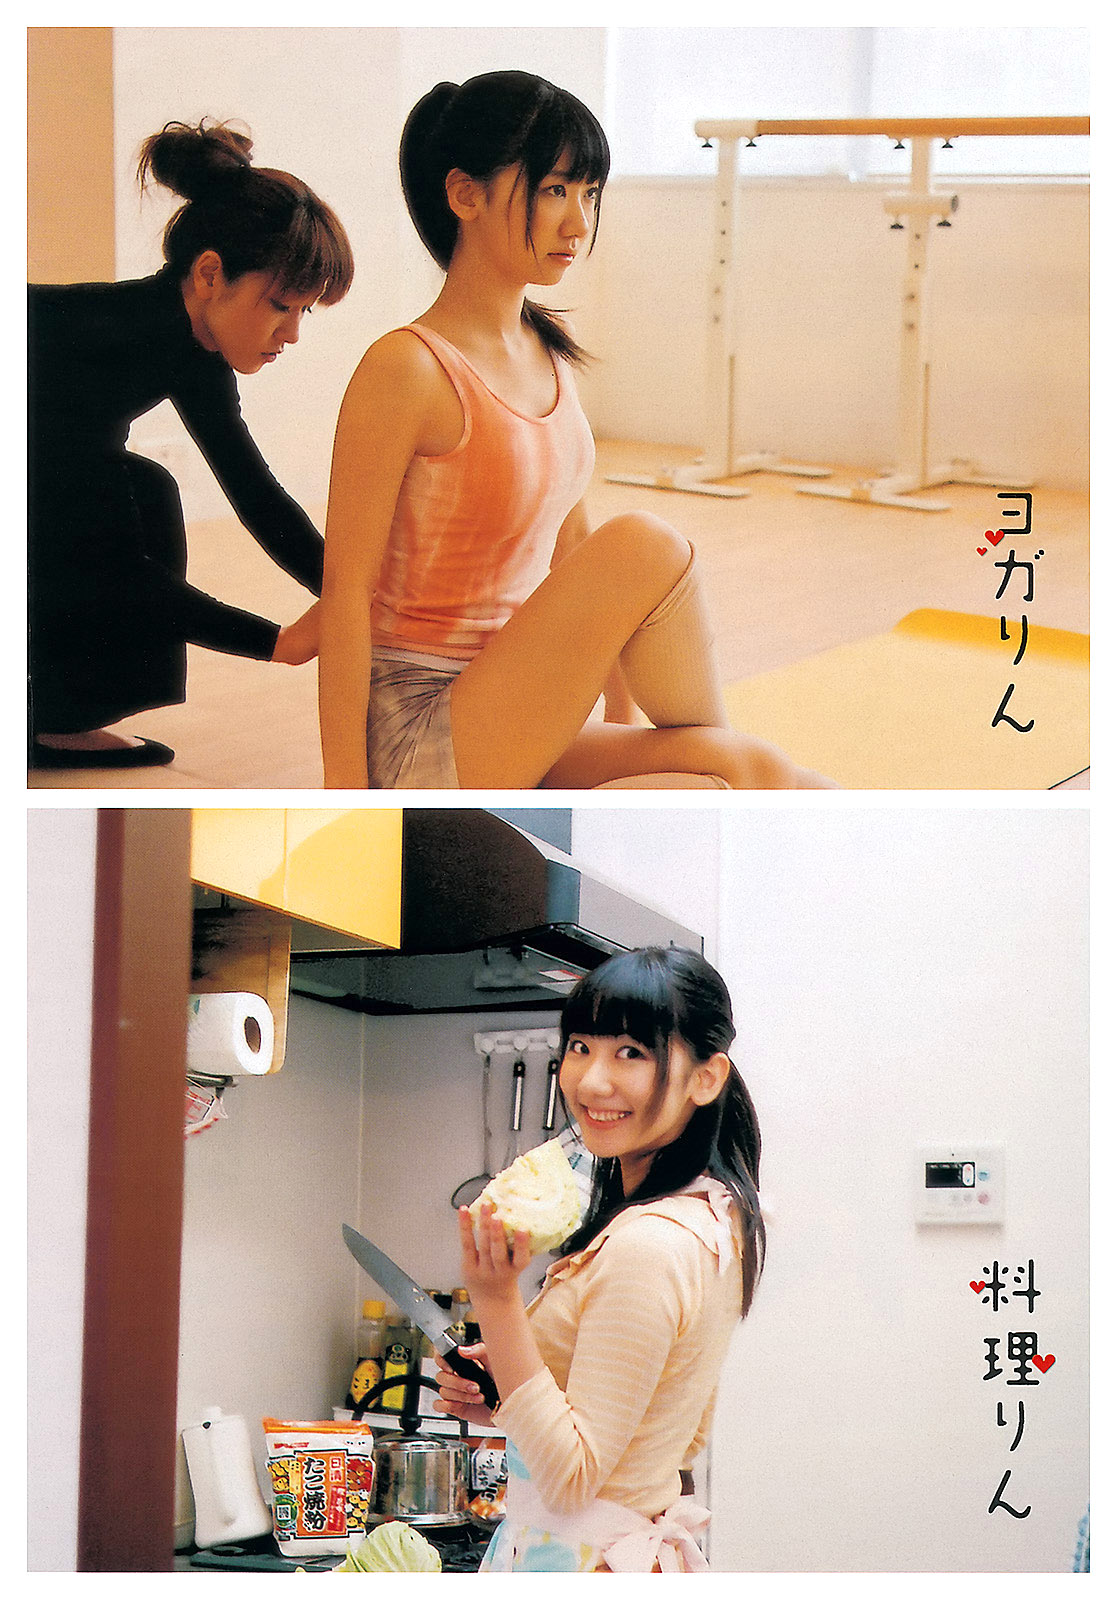 YKashiwagi WPB 120430 03.jpg